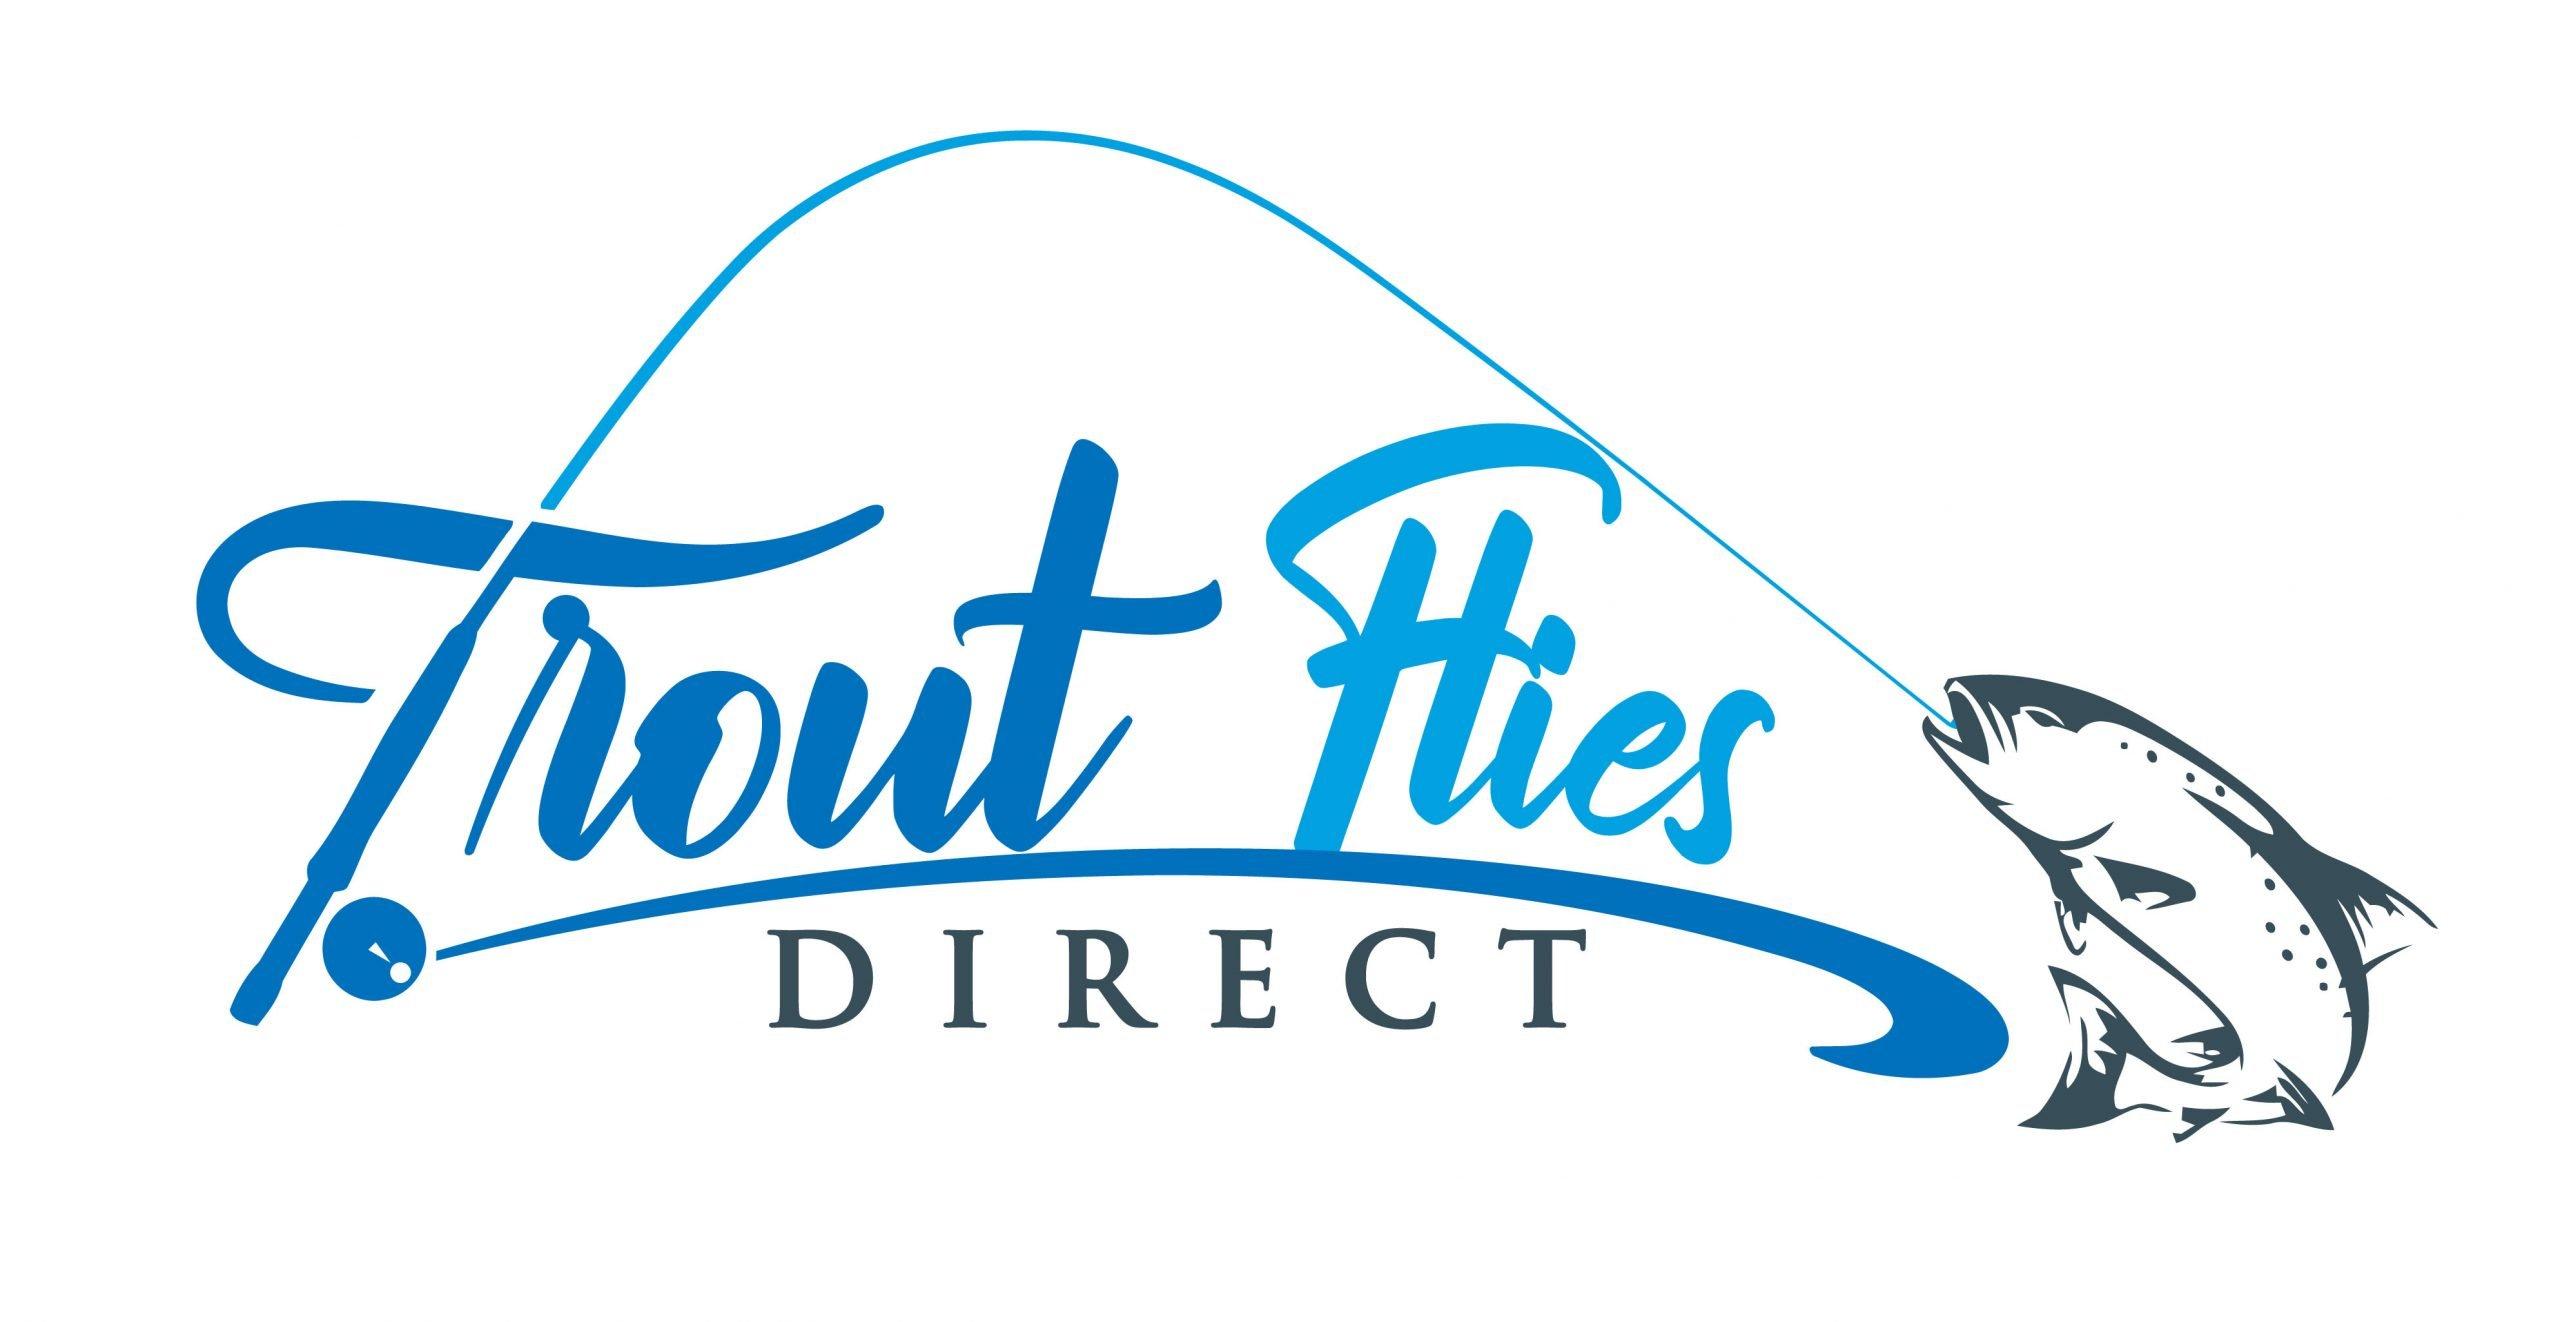 Trout Flies Direct Logo